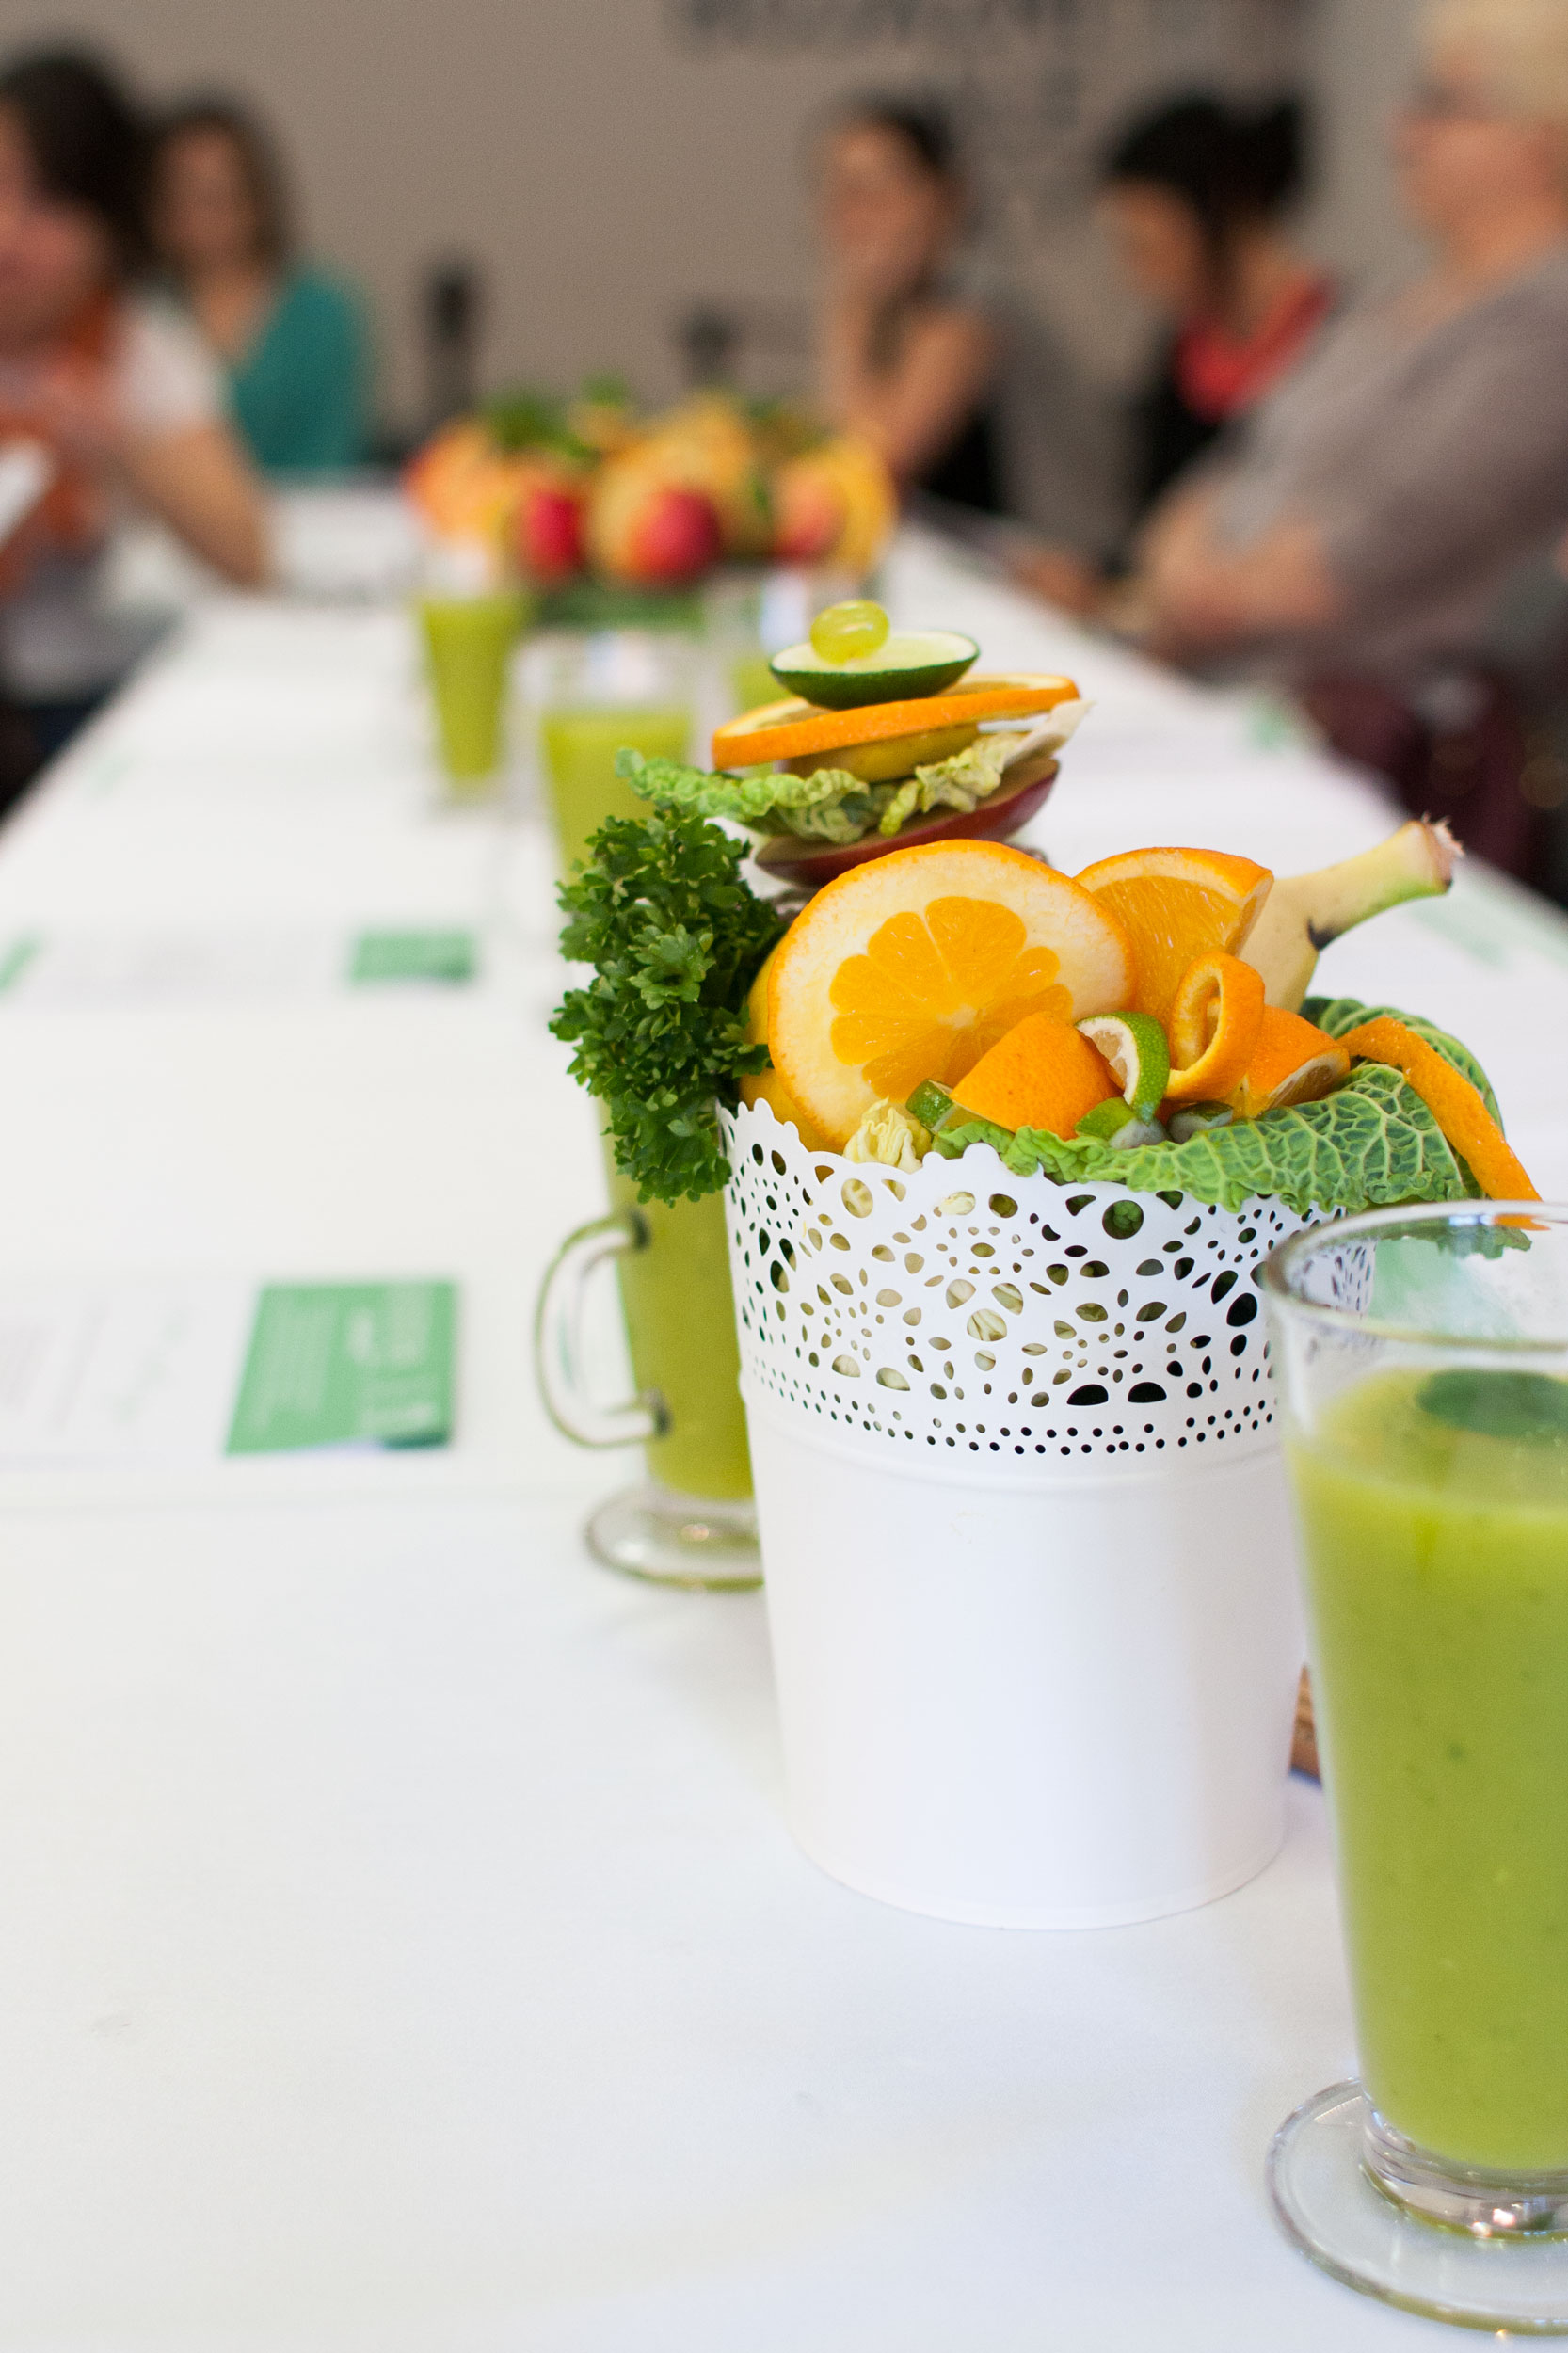 a stoły przystrojone były tym co Bóg daje nam najlepszego - owocami i warzywami